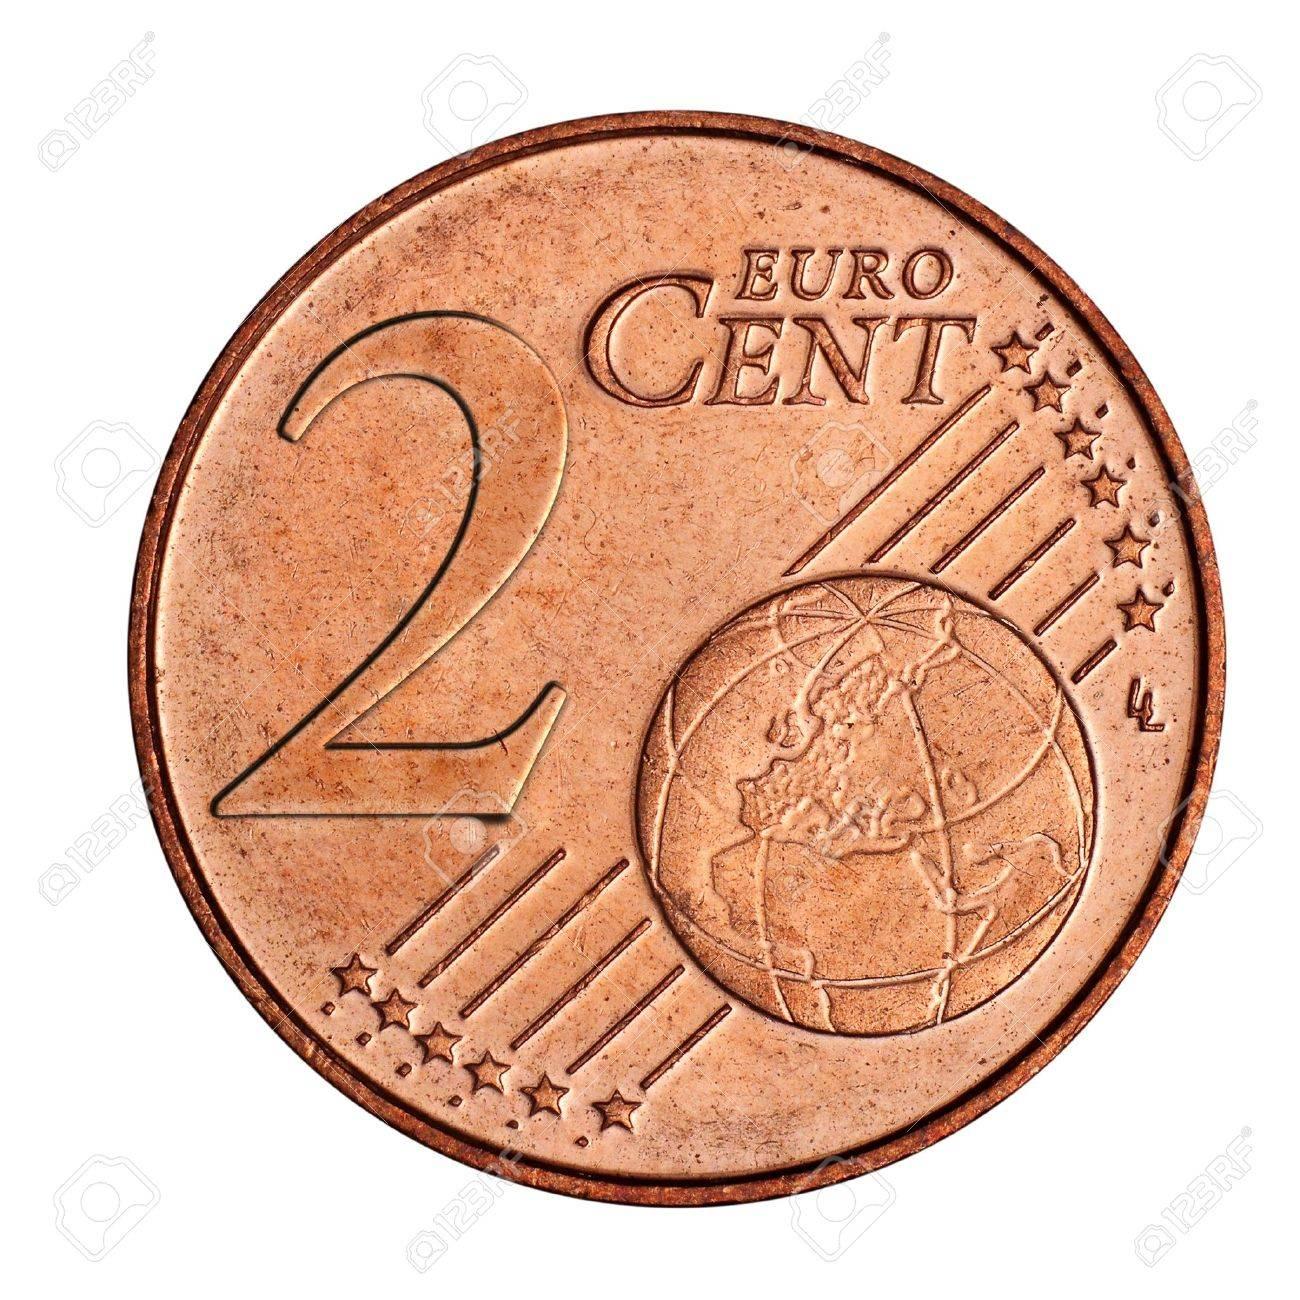 Eine Collage Von 2 Euro Cent Münze Lizenzfreie Fotos Bilder Und